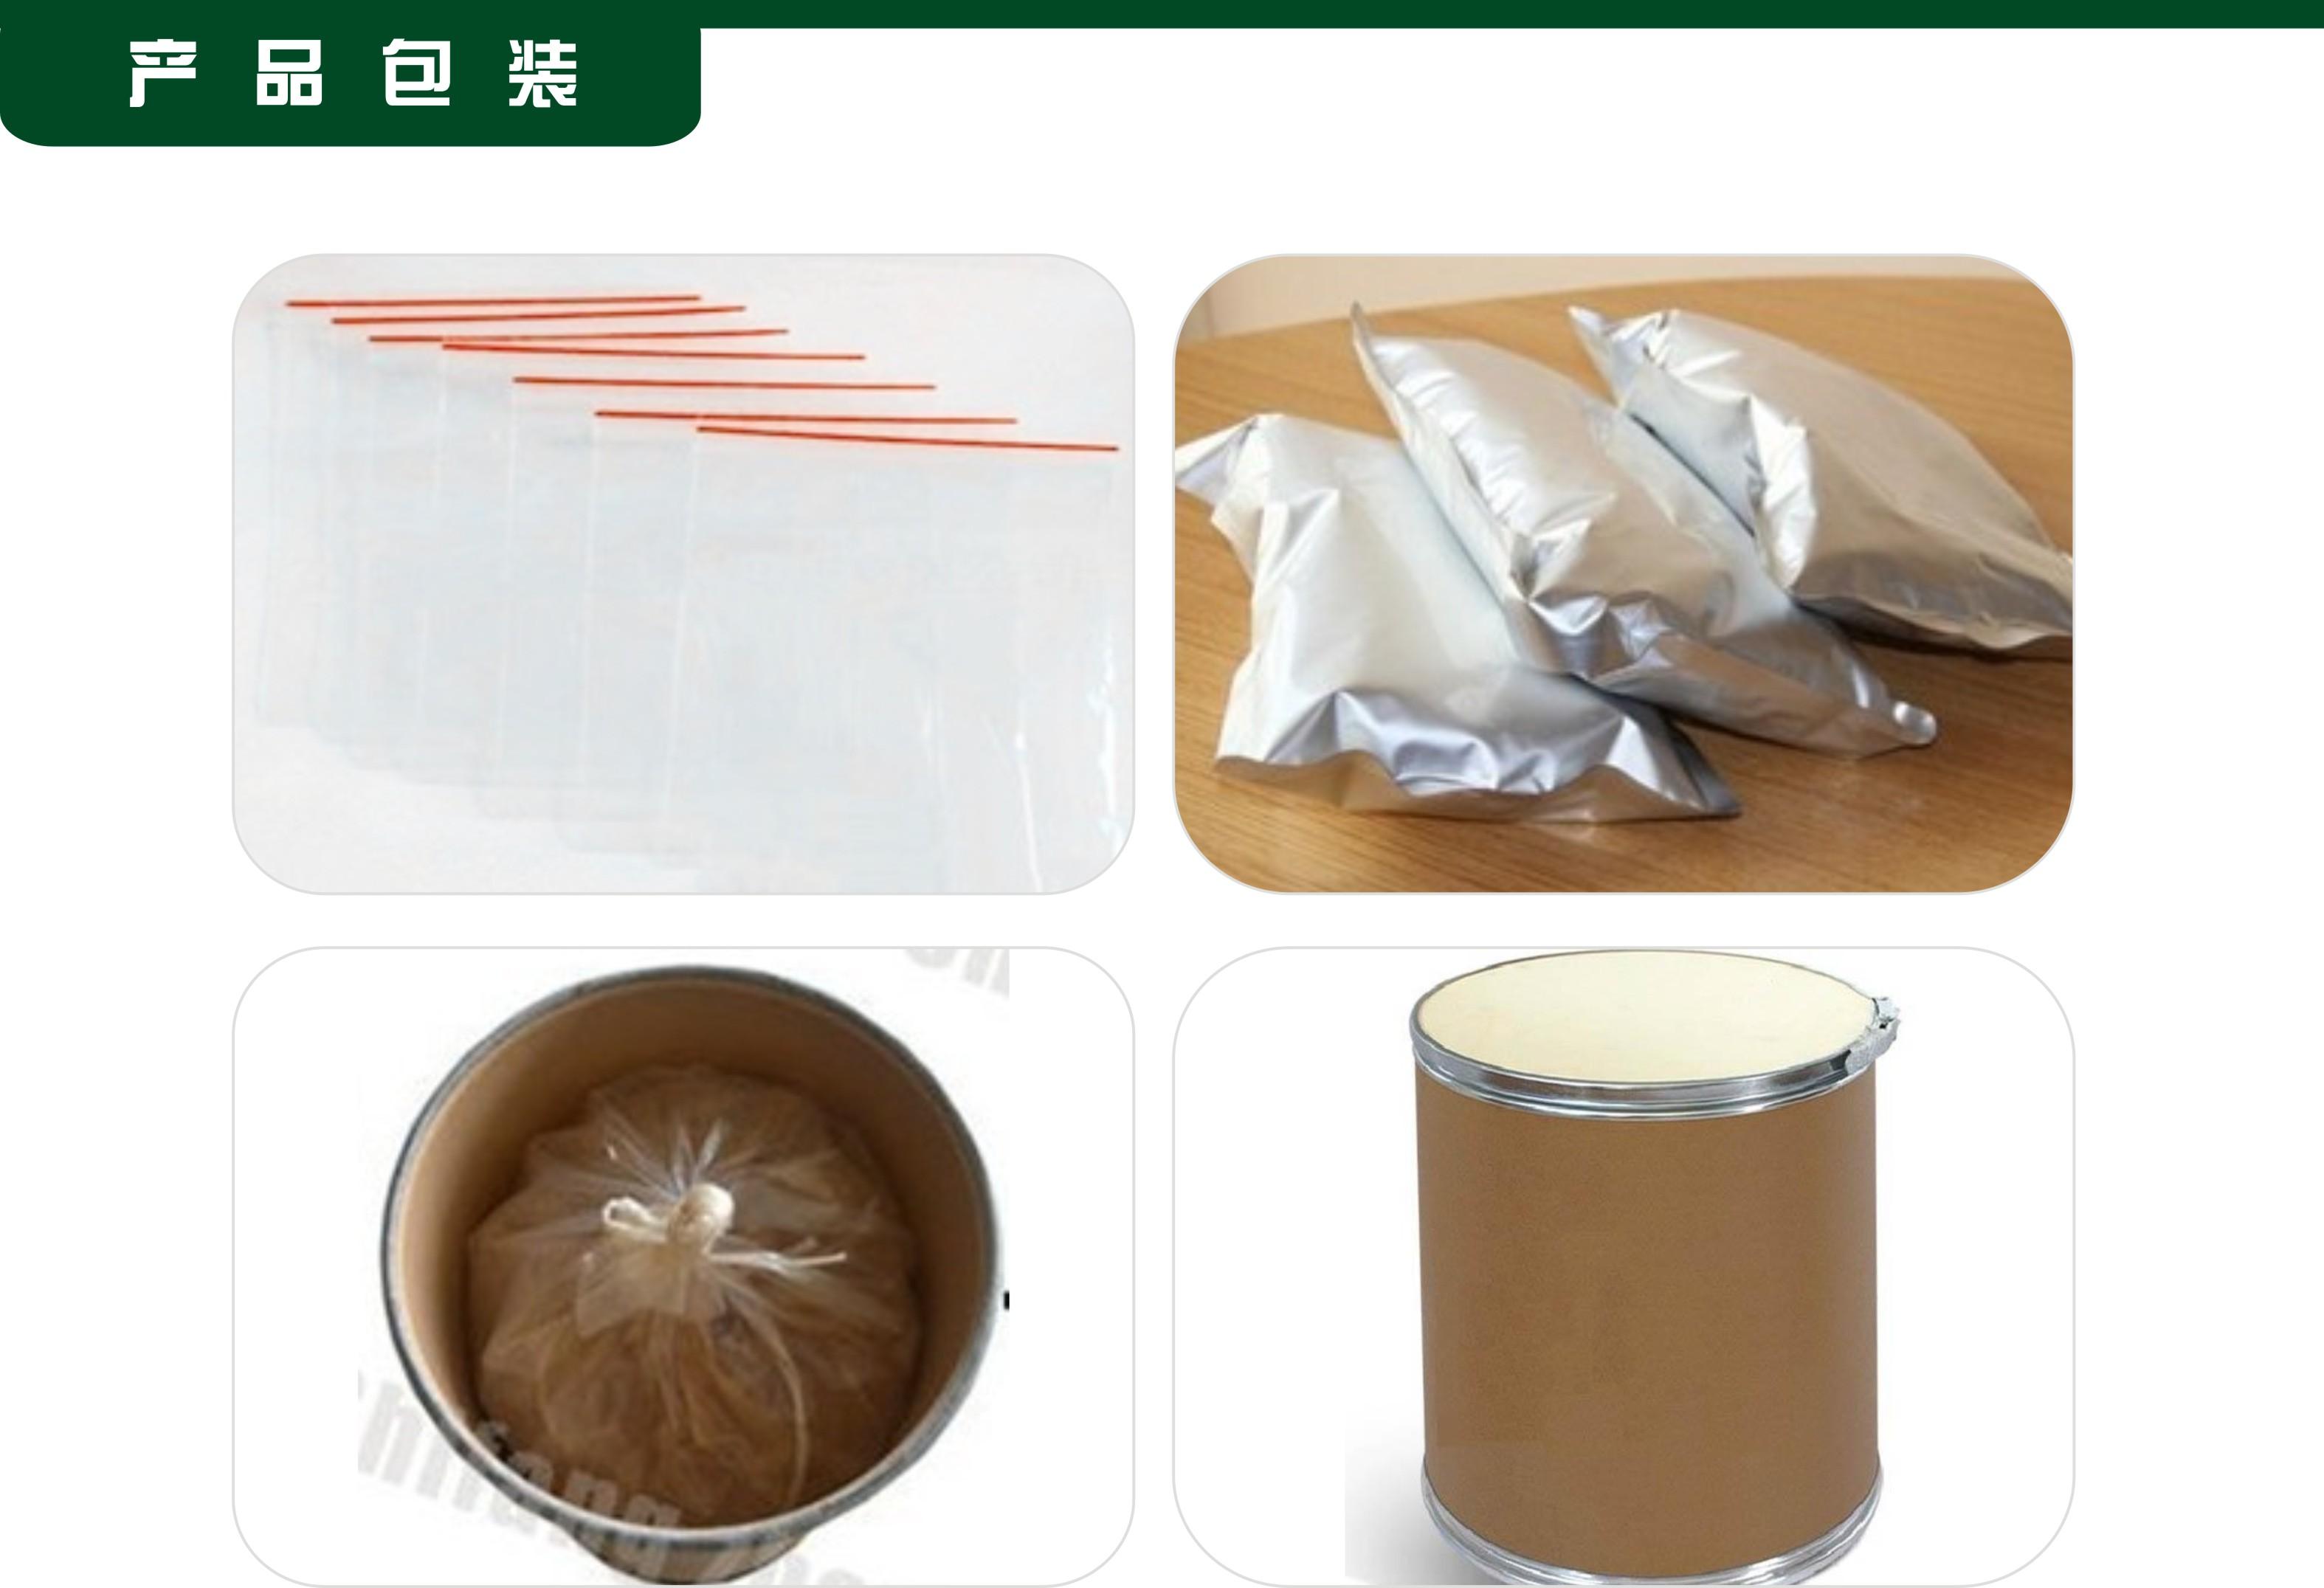 迷迭香提取物  鼠尾草酸  纯植物提取物示例图5